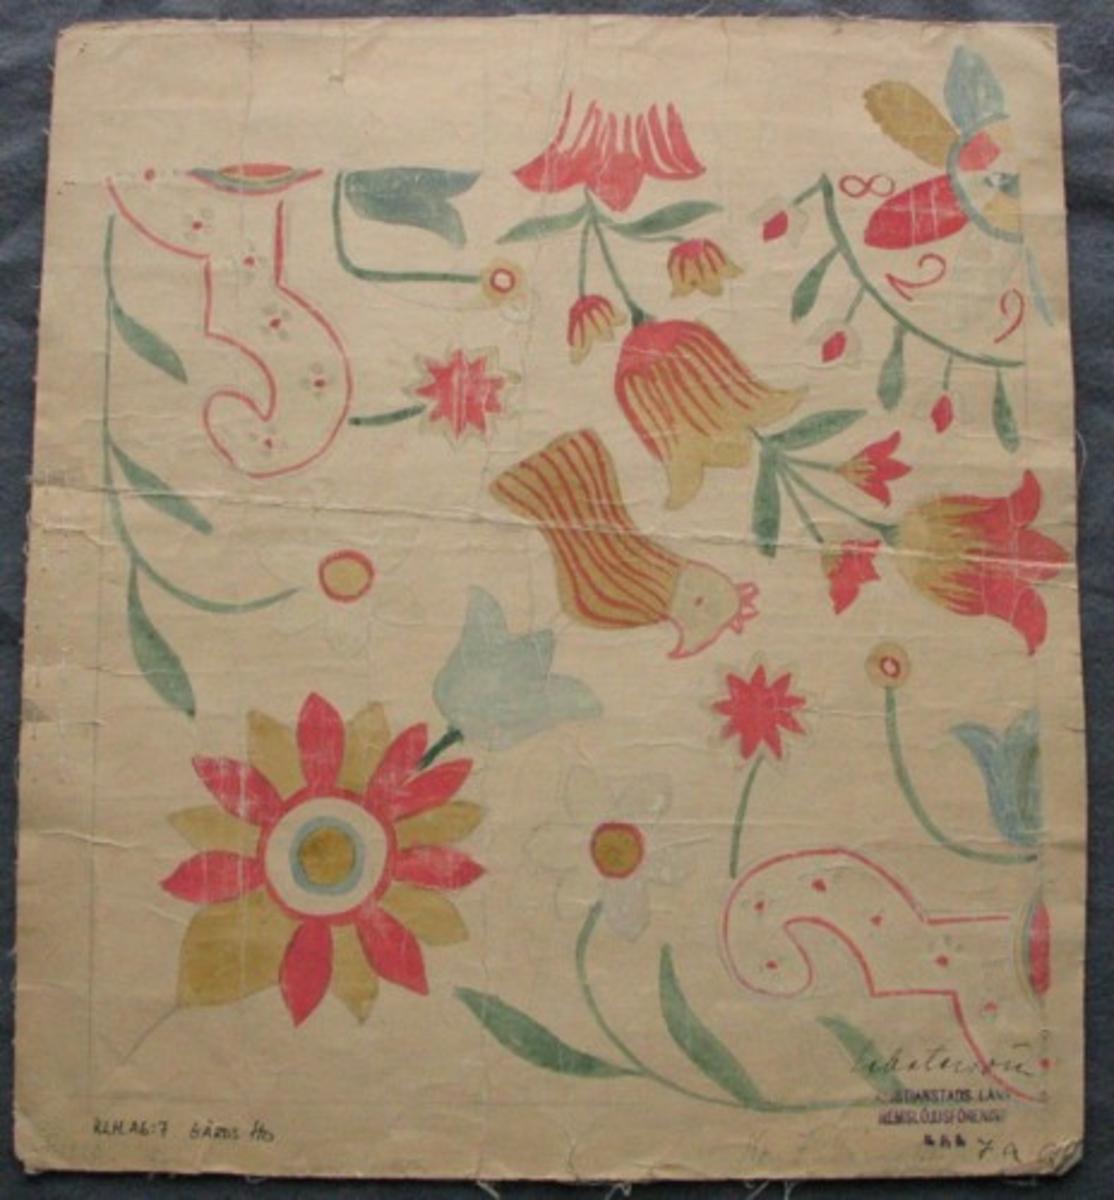 """Skiss avritad på tygförstärkt papper. 1/4 av kudde. I mitten en åttabladig blomma. Runt blomman en liten krans med utåtgående blommor och blad. Runt detta en tulpankrans. I hörnet en flikig blomma, från denna en tulpan med stående fågel. Mellan hörnen beslagsliknande ornament. I mitten en utväxande tulpan och vid sidorna anemoner. Mellan bladen på mittblomman är årtalet 1829 broderat. Gammal märkning: """"Nr 7, Gärds Hd, Pl 1220. 60x60 cm, svart botten. Schatersöm""""."""